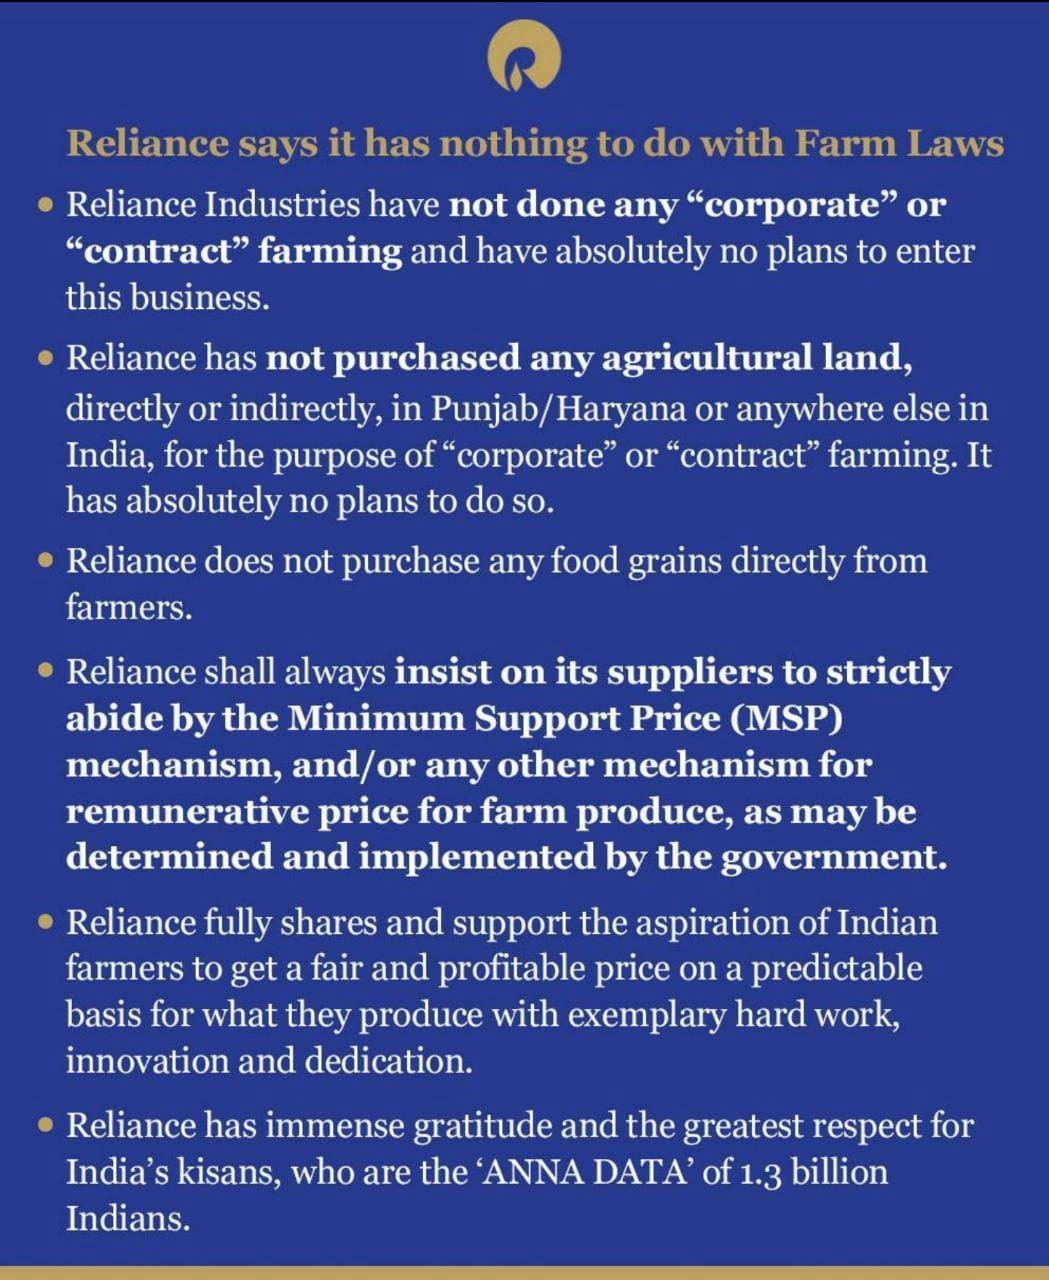 RJIL Farm Laws